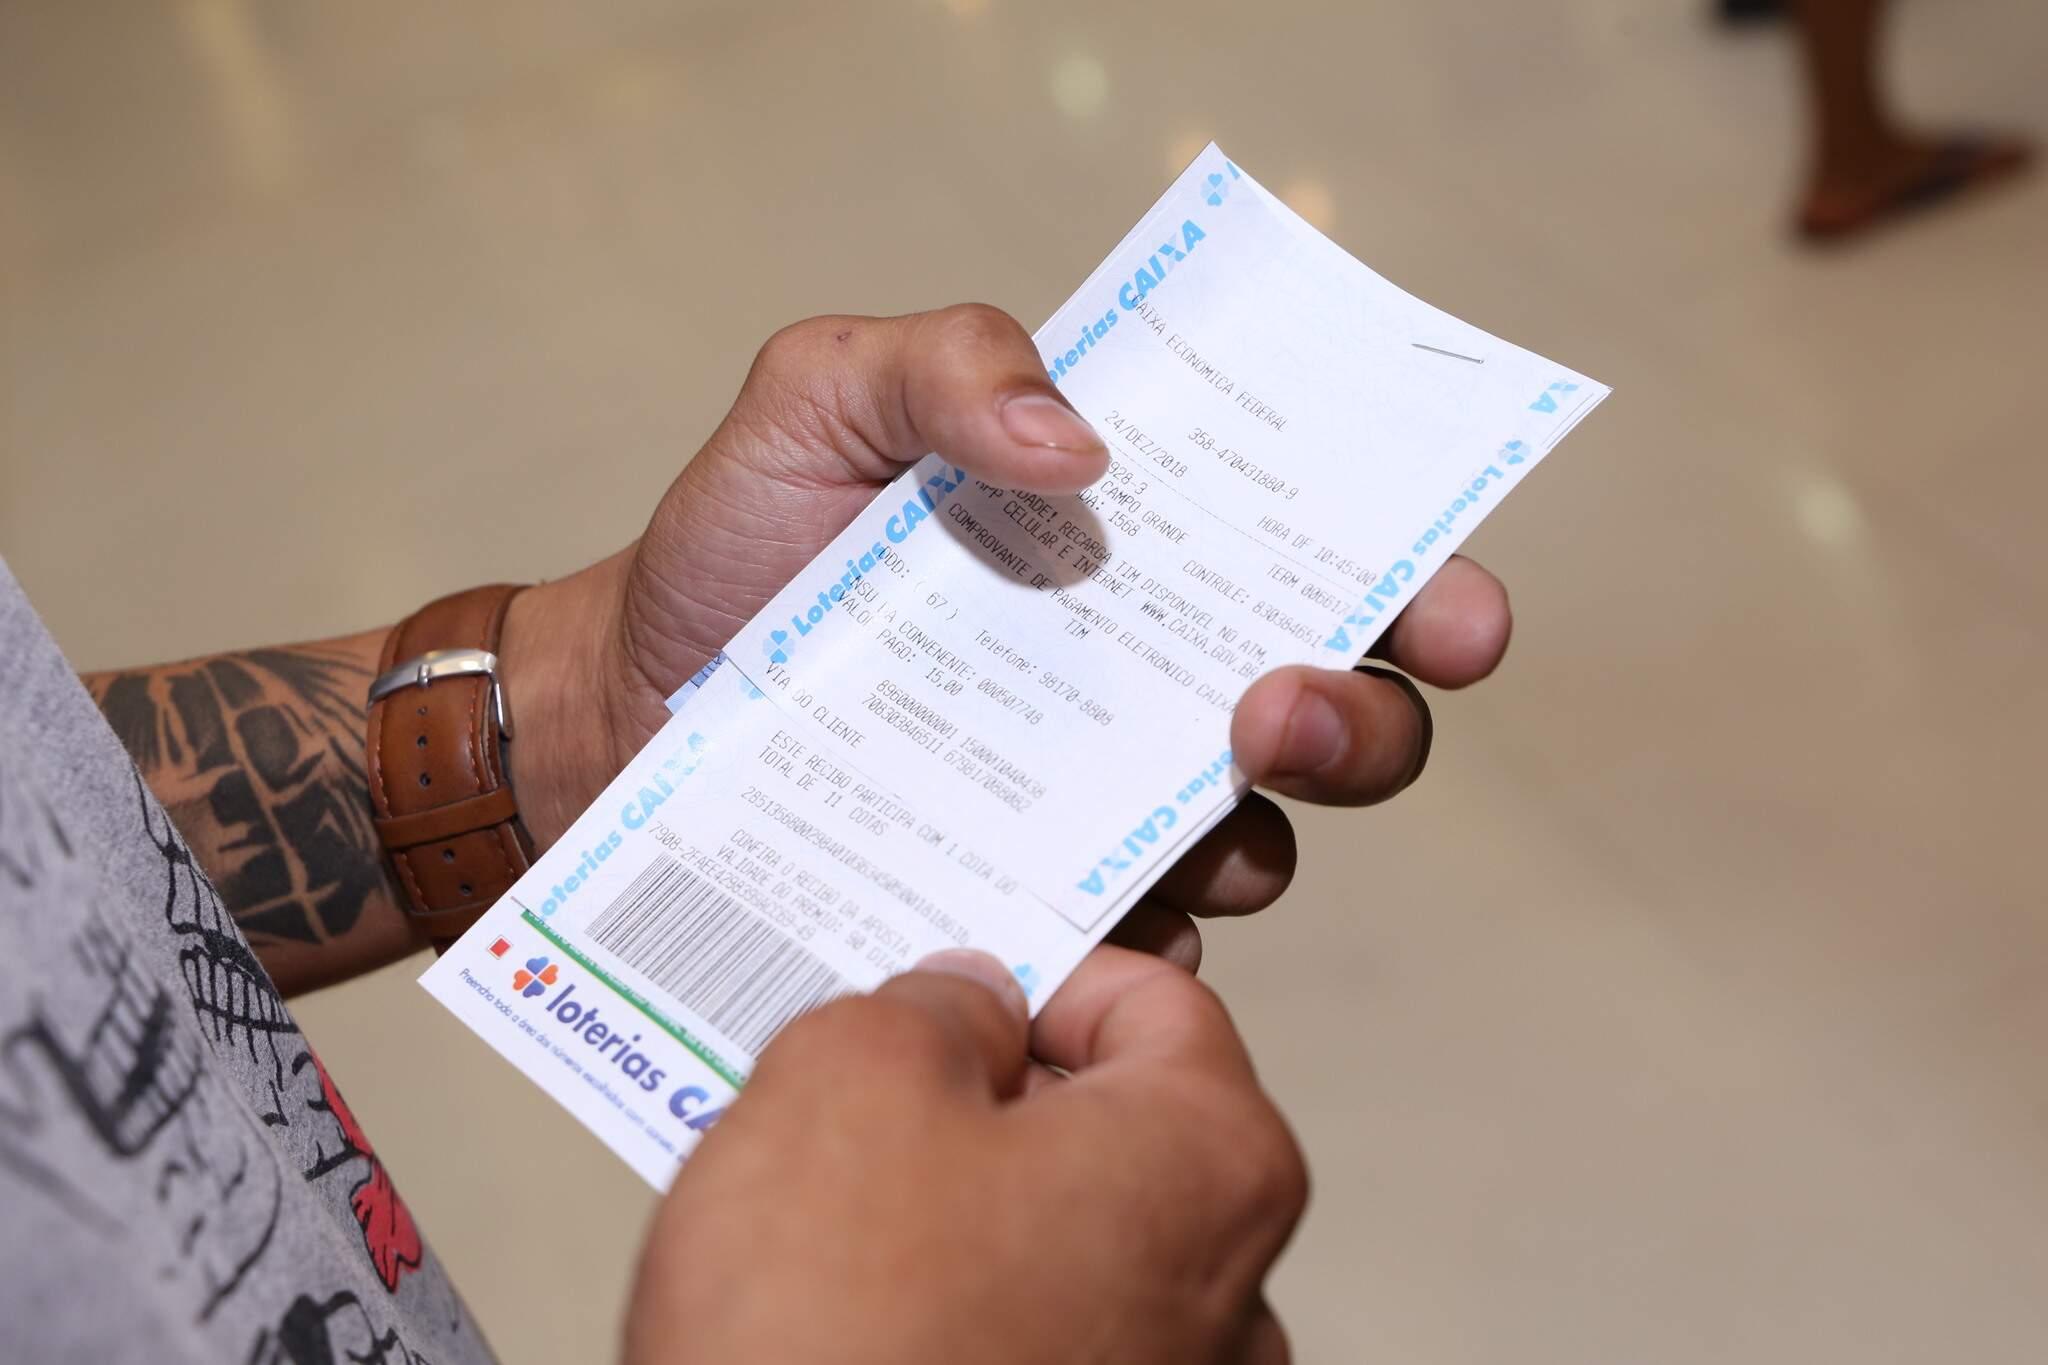 Apostador com uma cartela da Mega-Sena em mãos. (Foto: Kísie Ainoã)